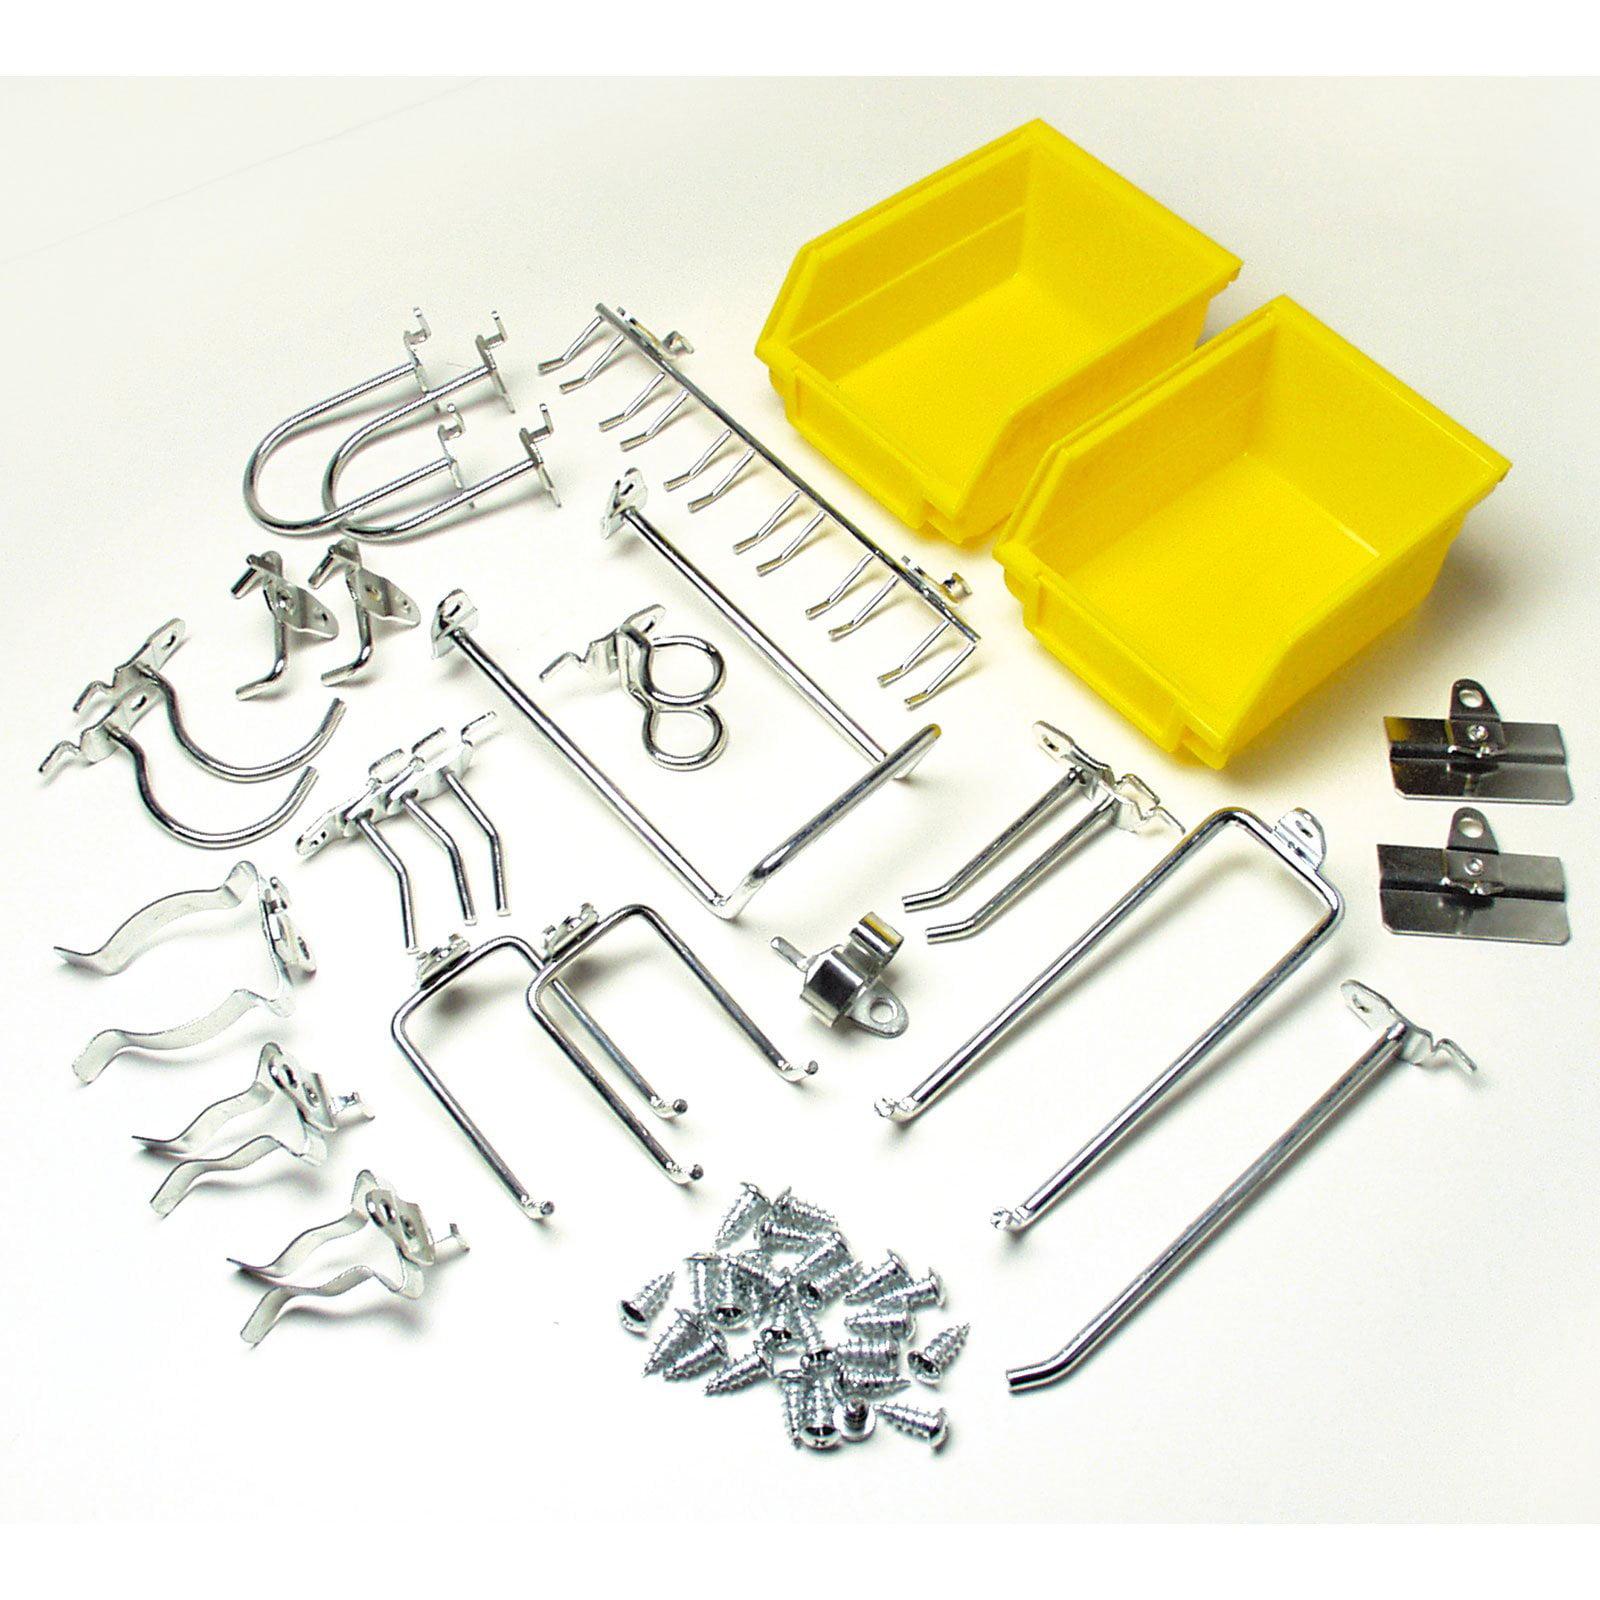 """DuraHook 26-Piece Zinc Plated Steel Hook & Bin Assortment for DuraBoard or 1/8"""" and 1/4"""" Pegboard (24 Assortment Hooks & 2 Bins)"""